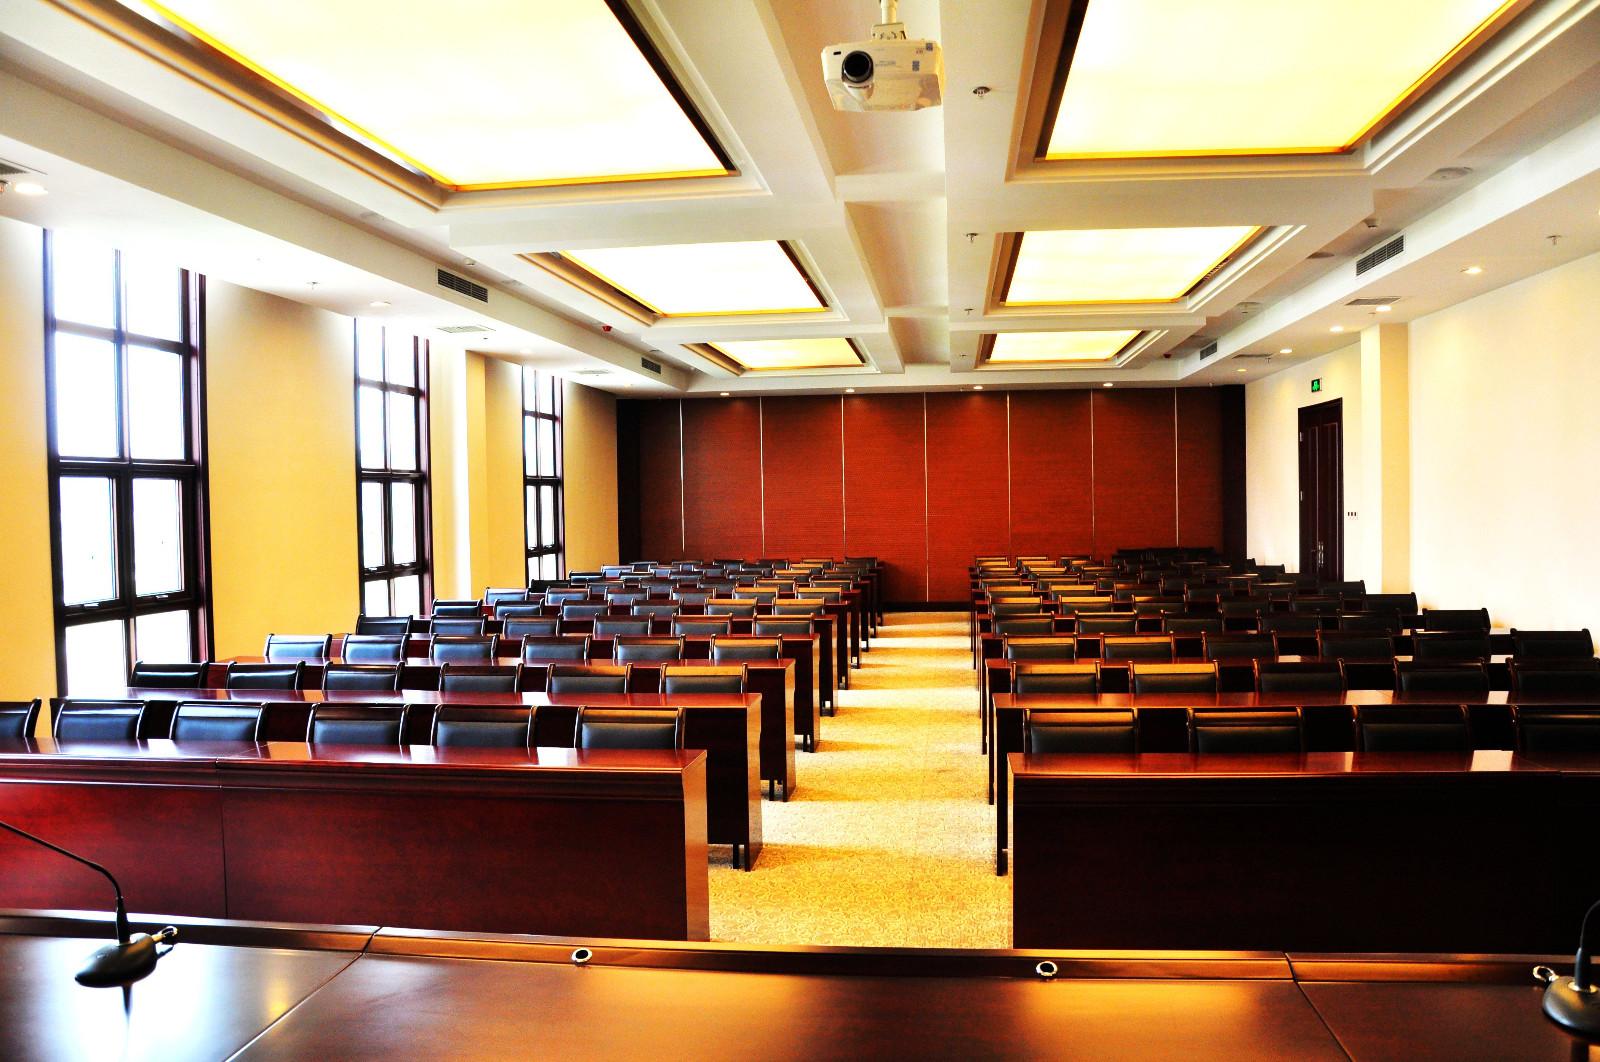 3, 长方型: 摆台样式:会议室内桌子呈长方形中空摆放,前后不留缺口图片